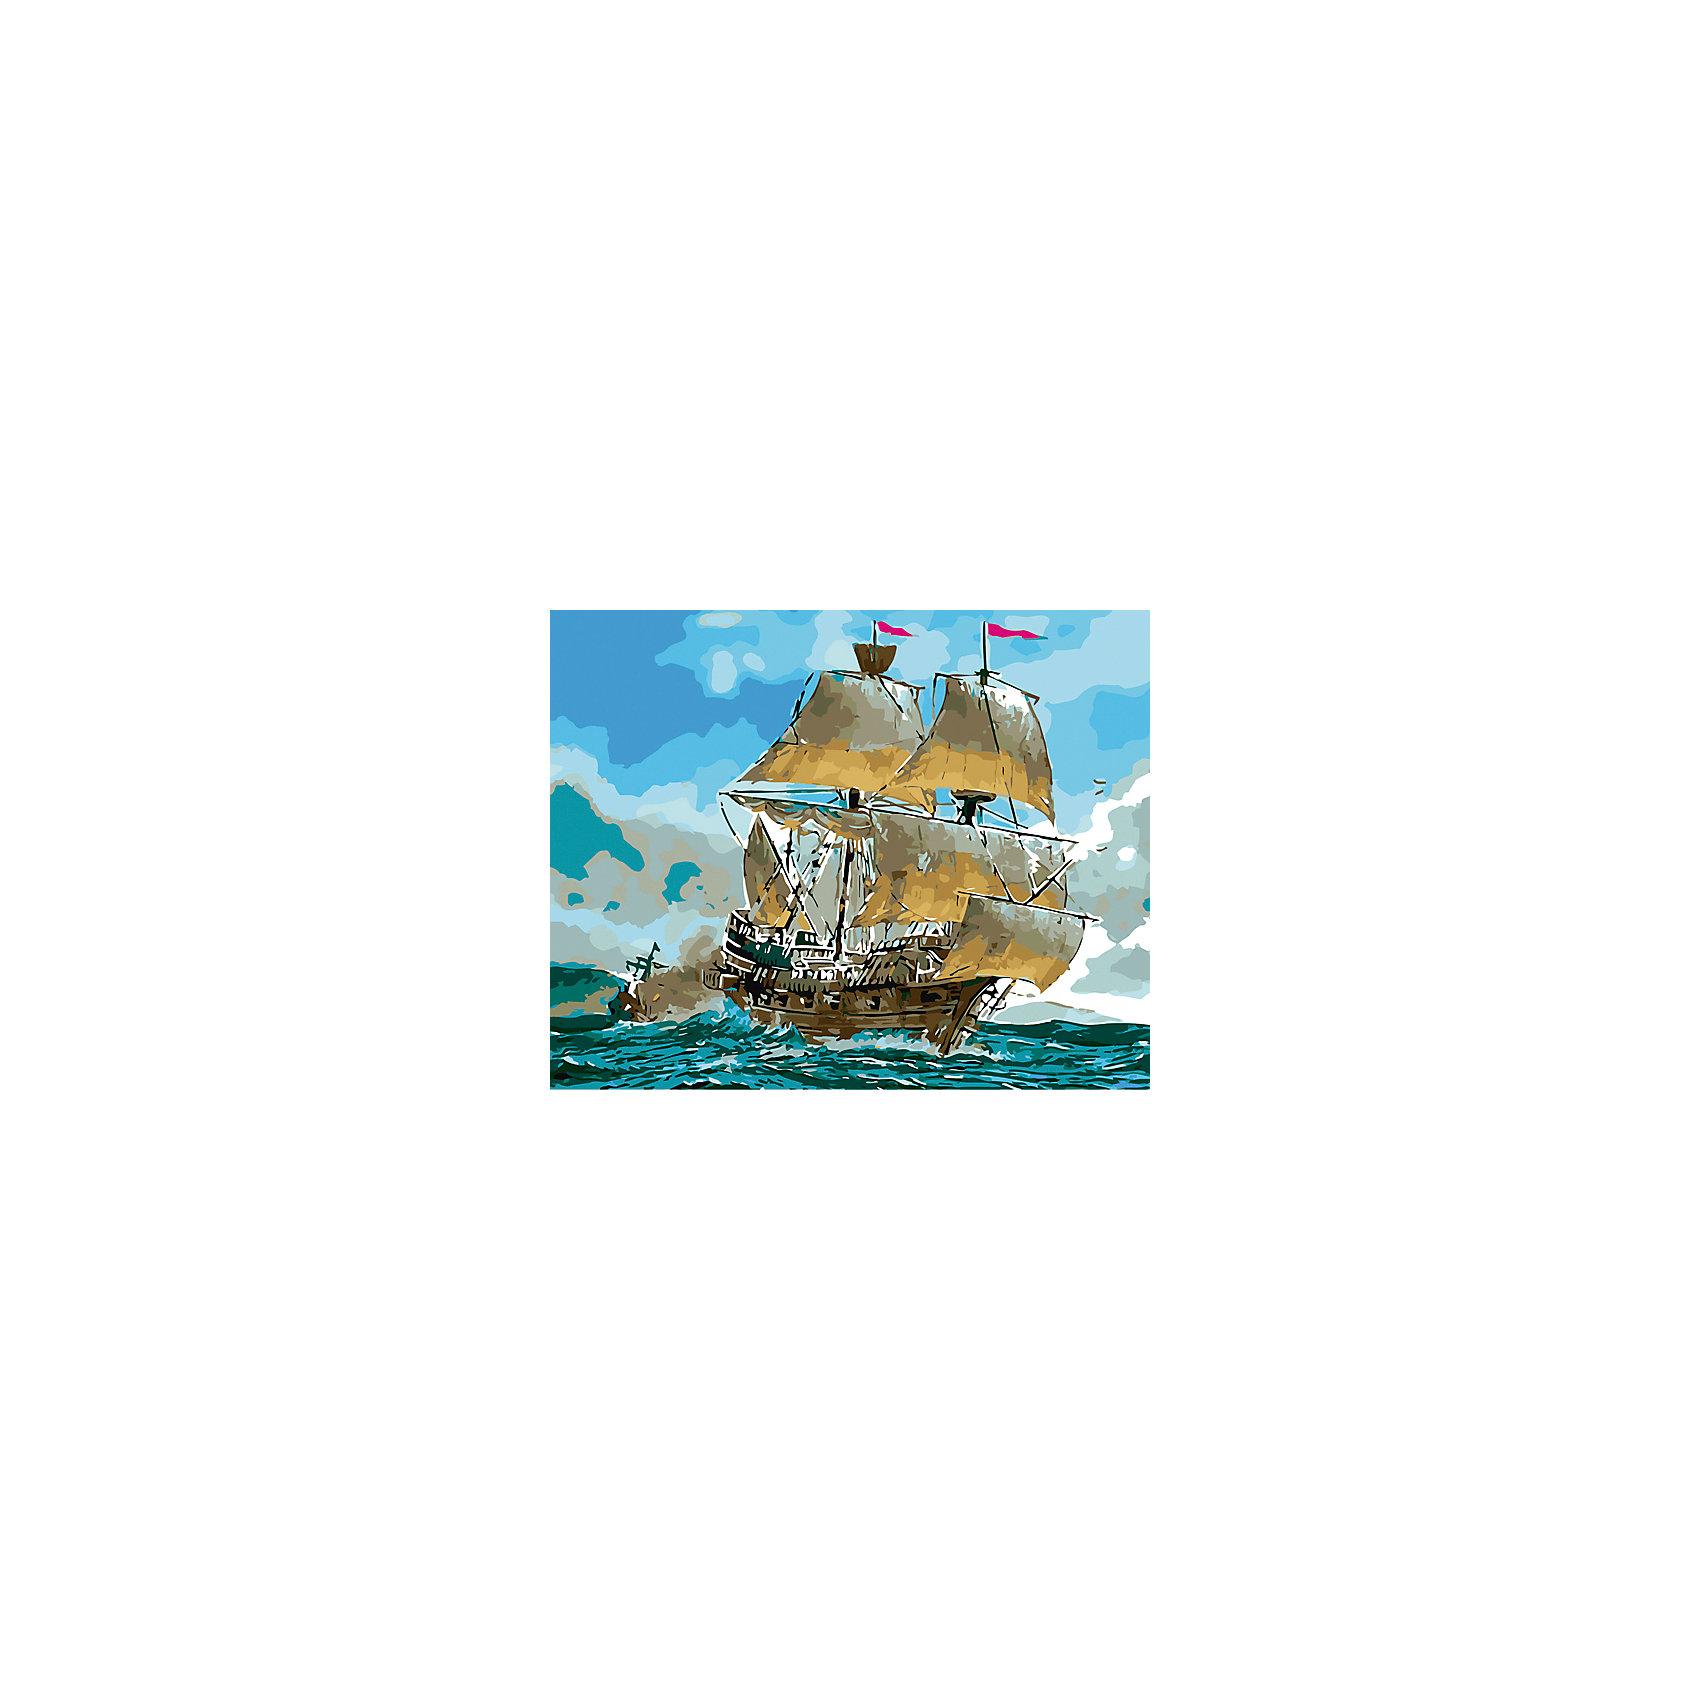 Холст с красками по номерам Парусник в открытом море 40х50 смзамечательные наборы для создания уникального шедевра изобразительного искусства. Создание картин на специально подготовленной рабочей поверхности – это уникальная техника, позволяющая делать Ваши шедевры более яркими и реалистичными. Просто нанесите мазки на уже готовый эскиз и оживите картину! Готовые изделия могут стать украшением интерьера или прекрасным подарком близким и друзьям.<br><br>Ширина мм: 510<br>Глубина мм: 410<br>Высота мм: 25<br>Вес г: 900<br>Возраст от месяцев: 36<br>Возраст до месяцев: 108<br>Пол: Унисекс<br>Возраст: Детский<br>SKU: 5096777